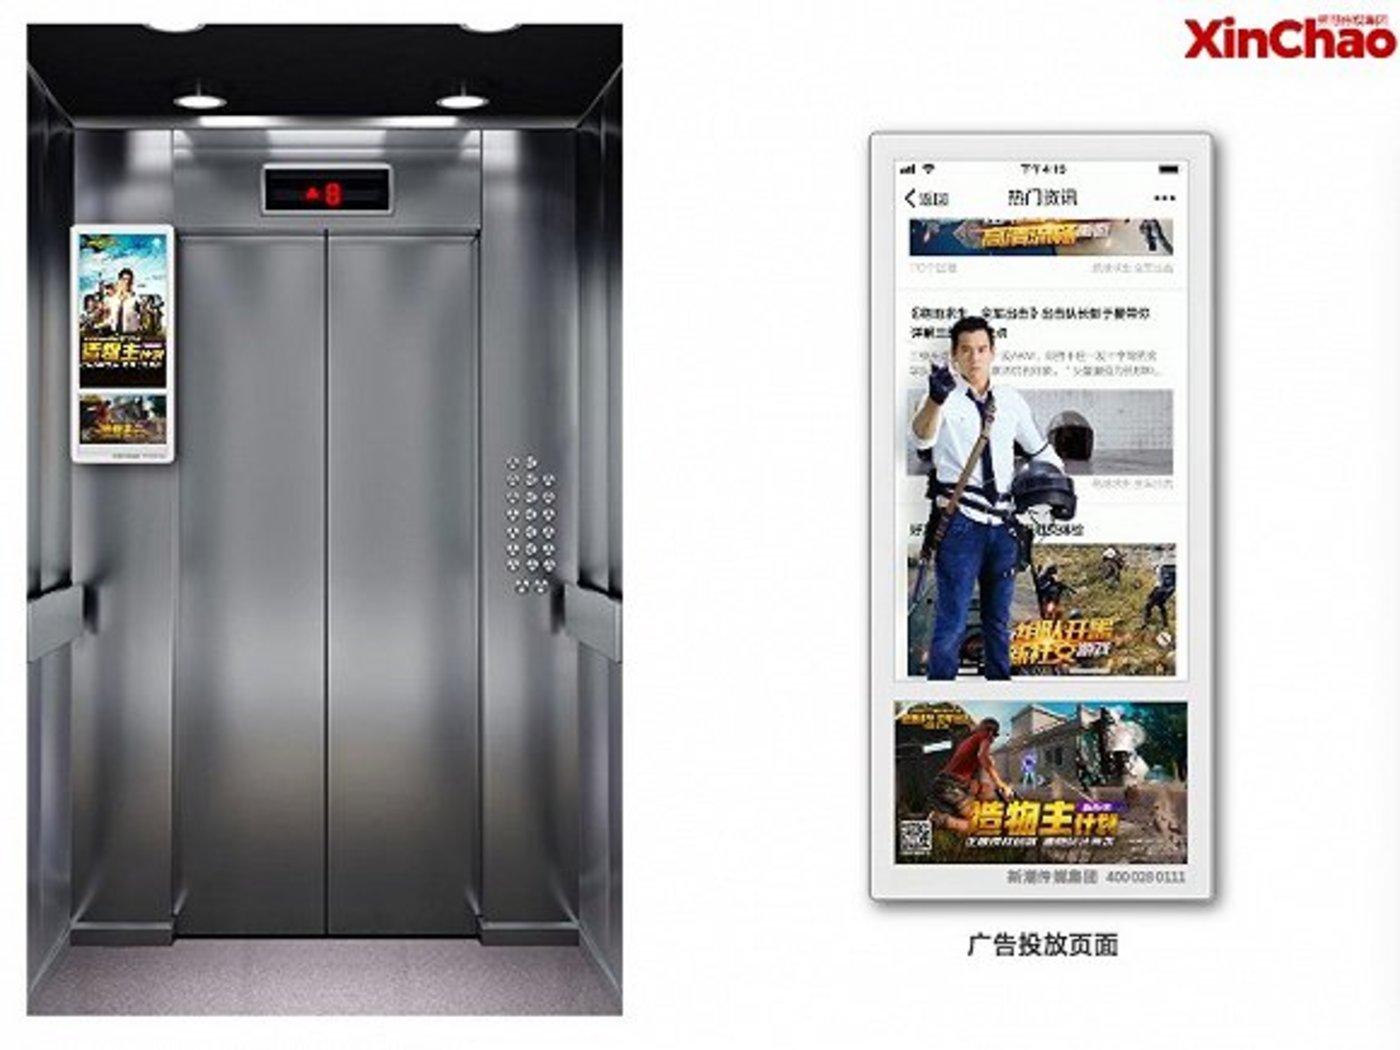 腾讯造物主计划电梯广告 图片来源:新潮传媒